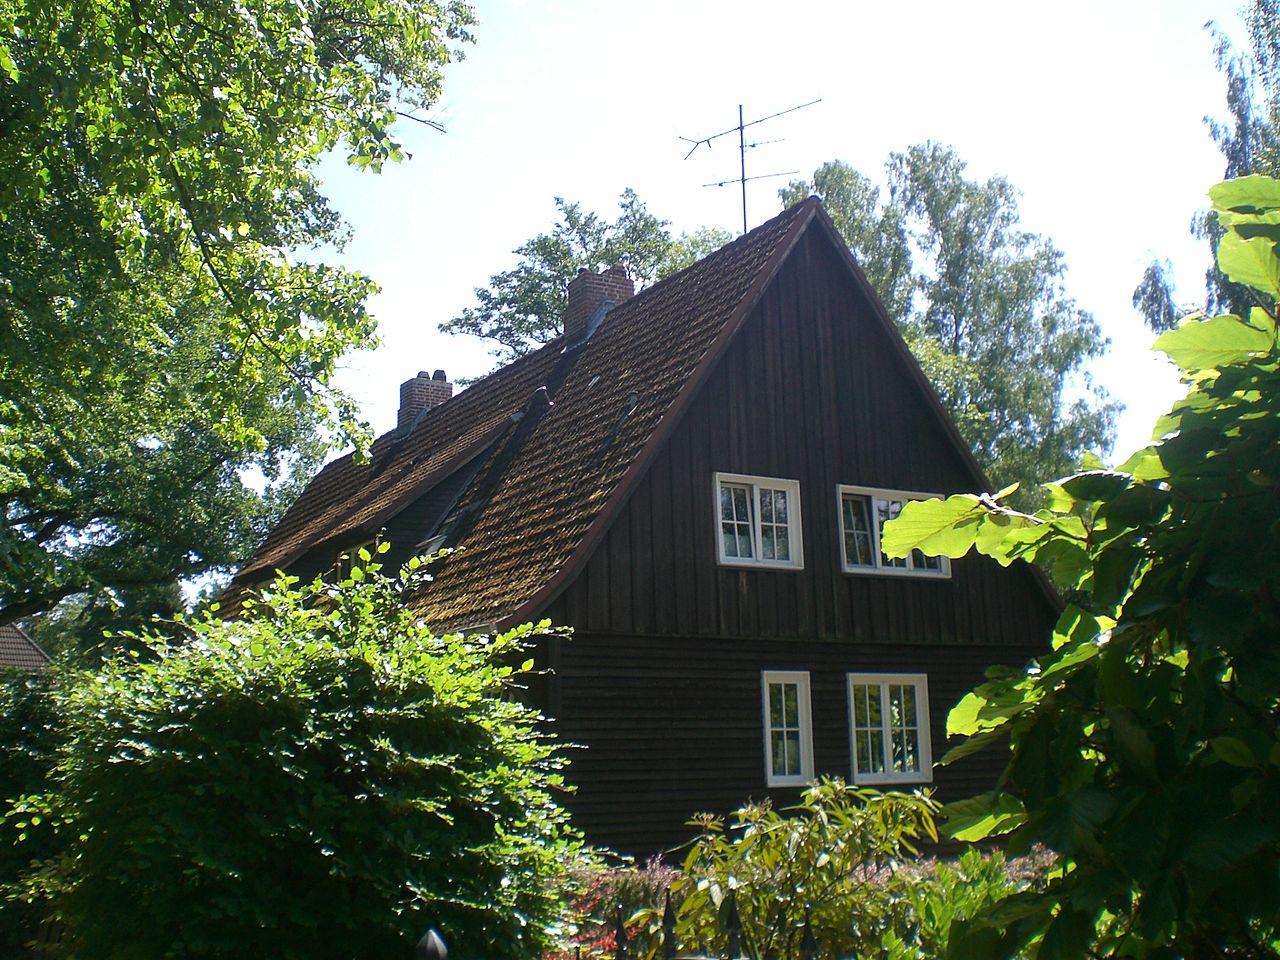 Bild Norwegersiedlungen Hamburg Duvenstedt